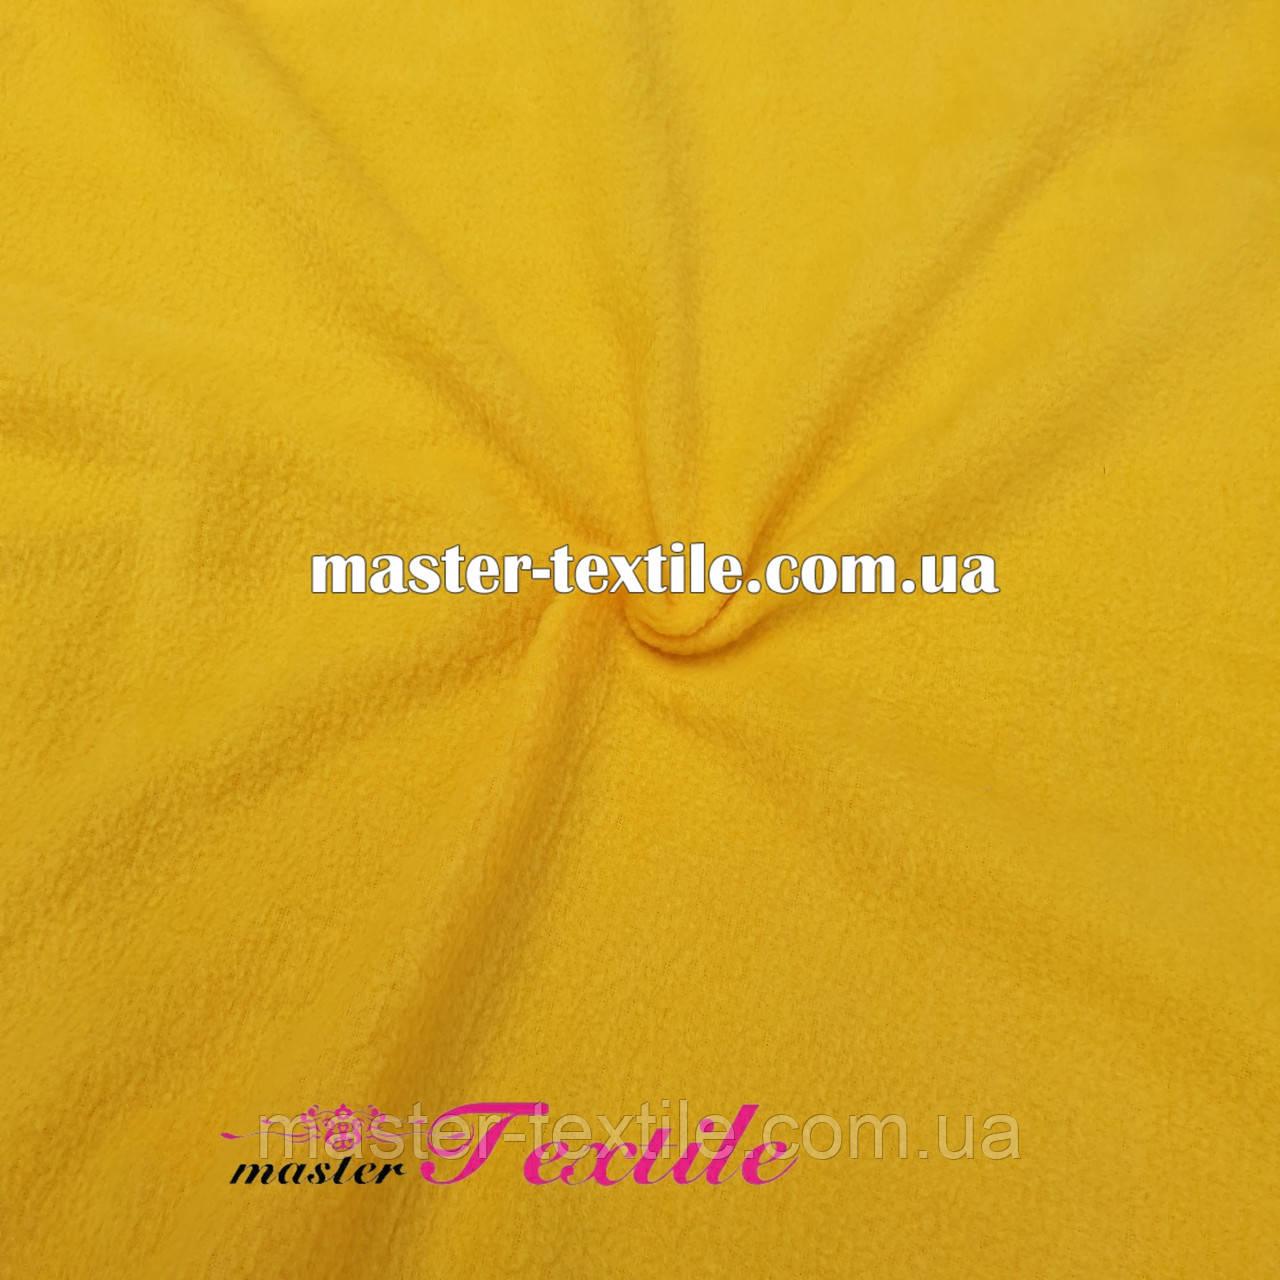 Флис однотонный (желтый)